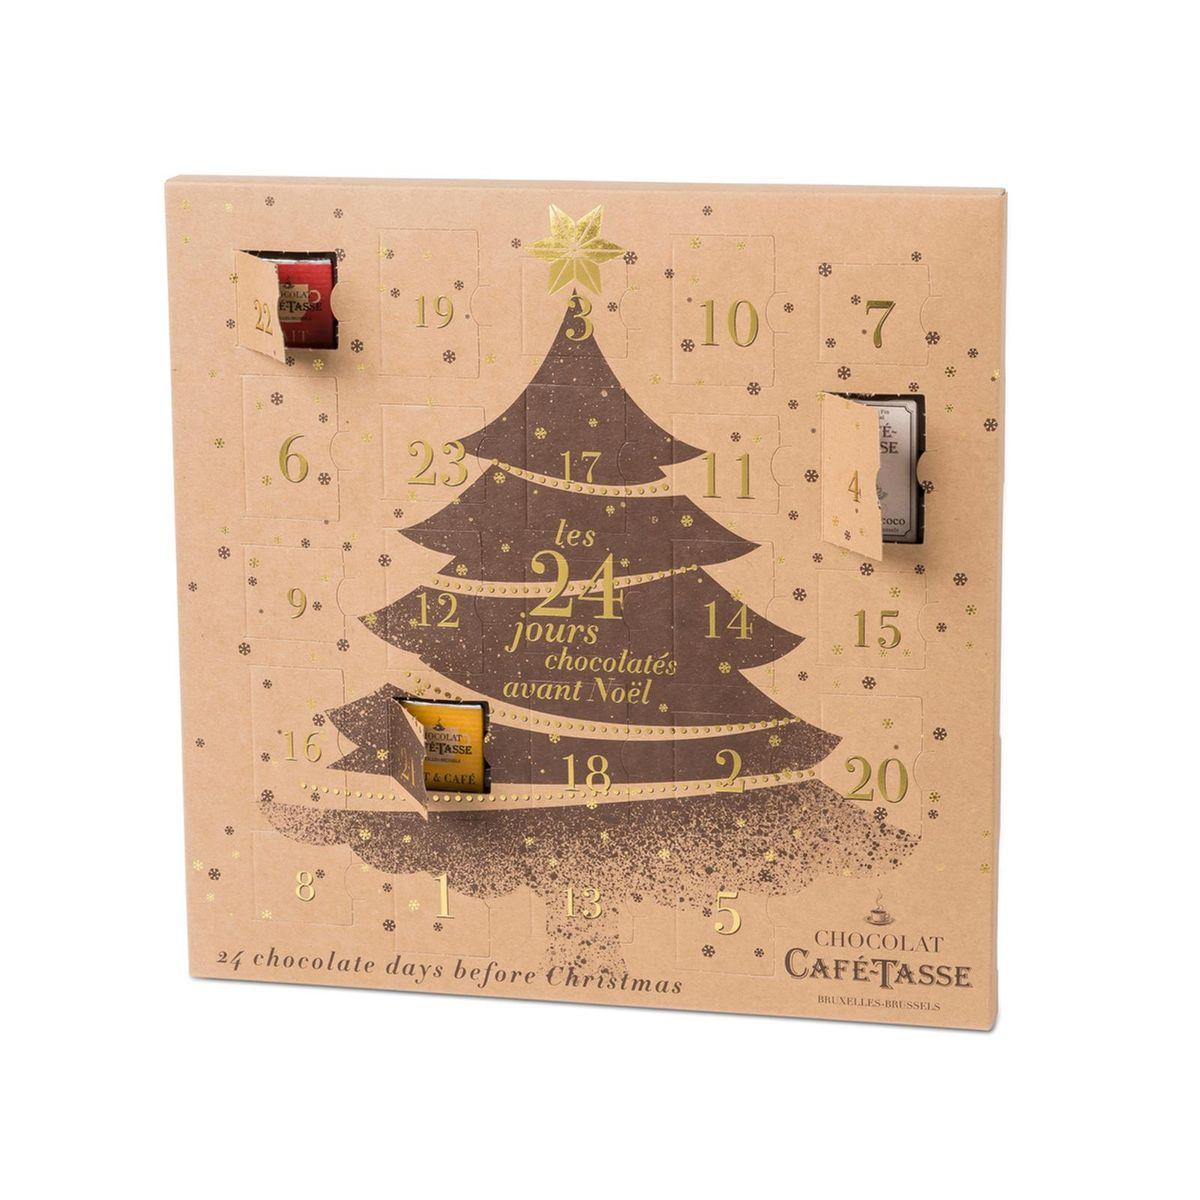 Calendrier avent 2019 chocolat édition limitée - Cafetasse